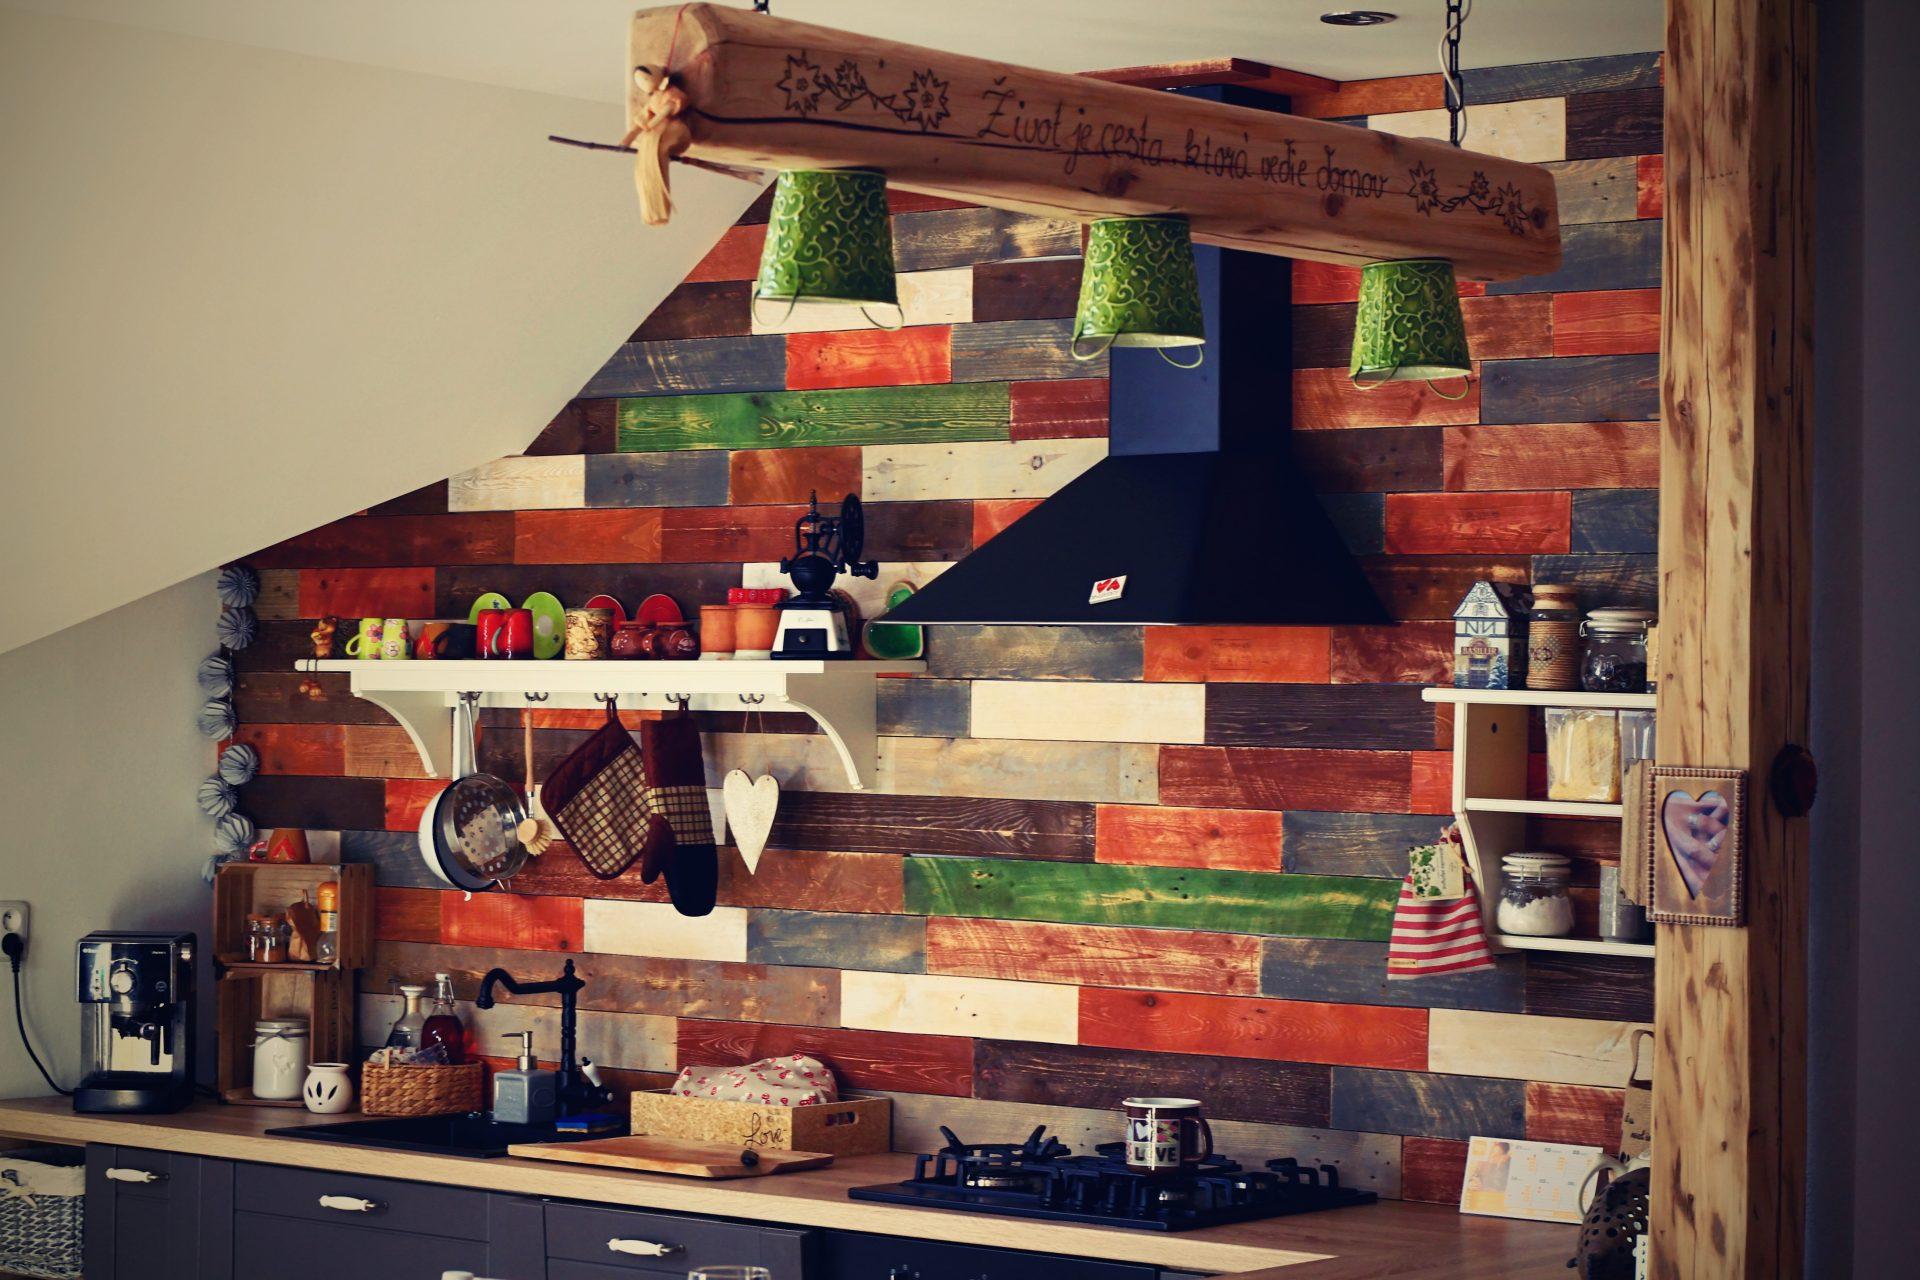 drevene-obklady_decowall_kuchyna-1-1920x1280